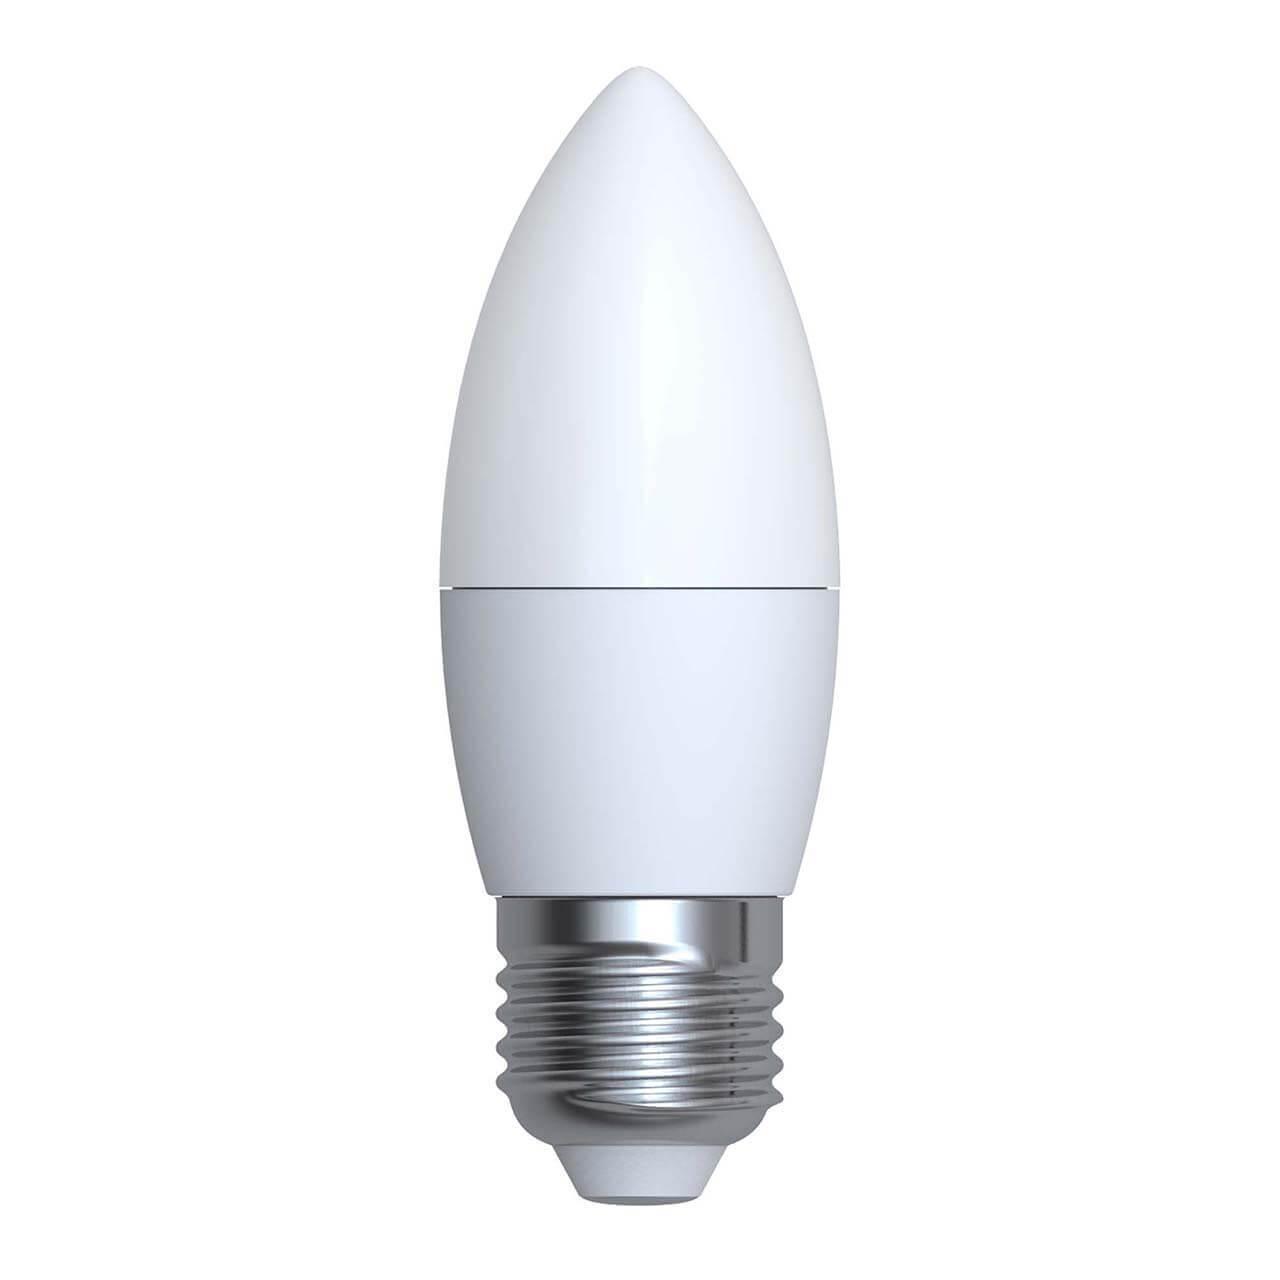 Лампа светодиодная (UL-00001068) E27 6W 6500K матовая LED-C37-6W/DW/E27/FR/O лампа светодиодная e27 6w 3300k матовая 4690389081514